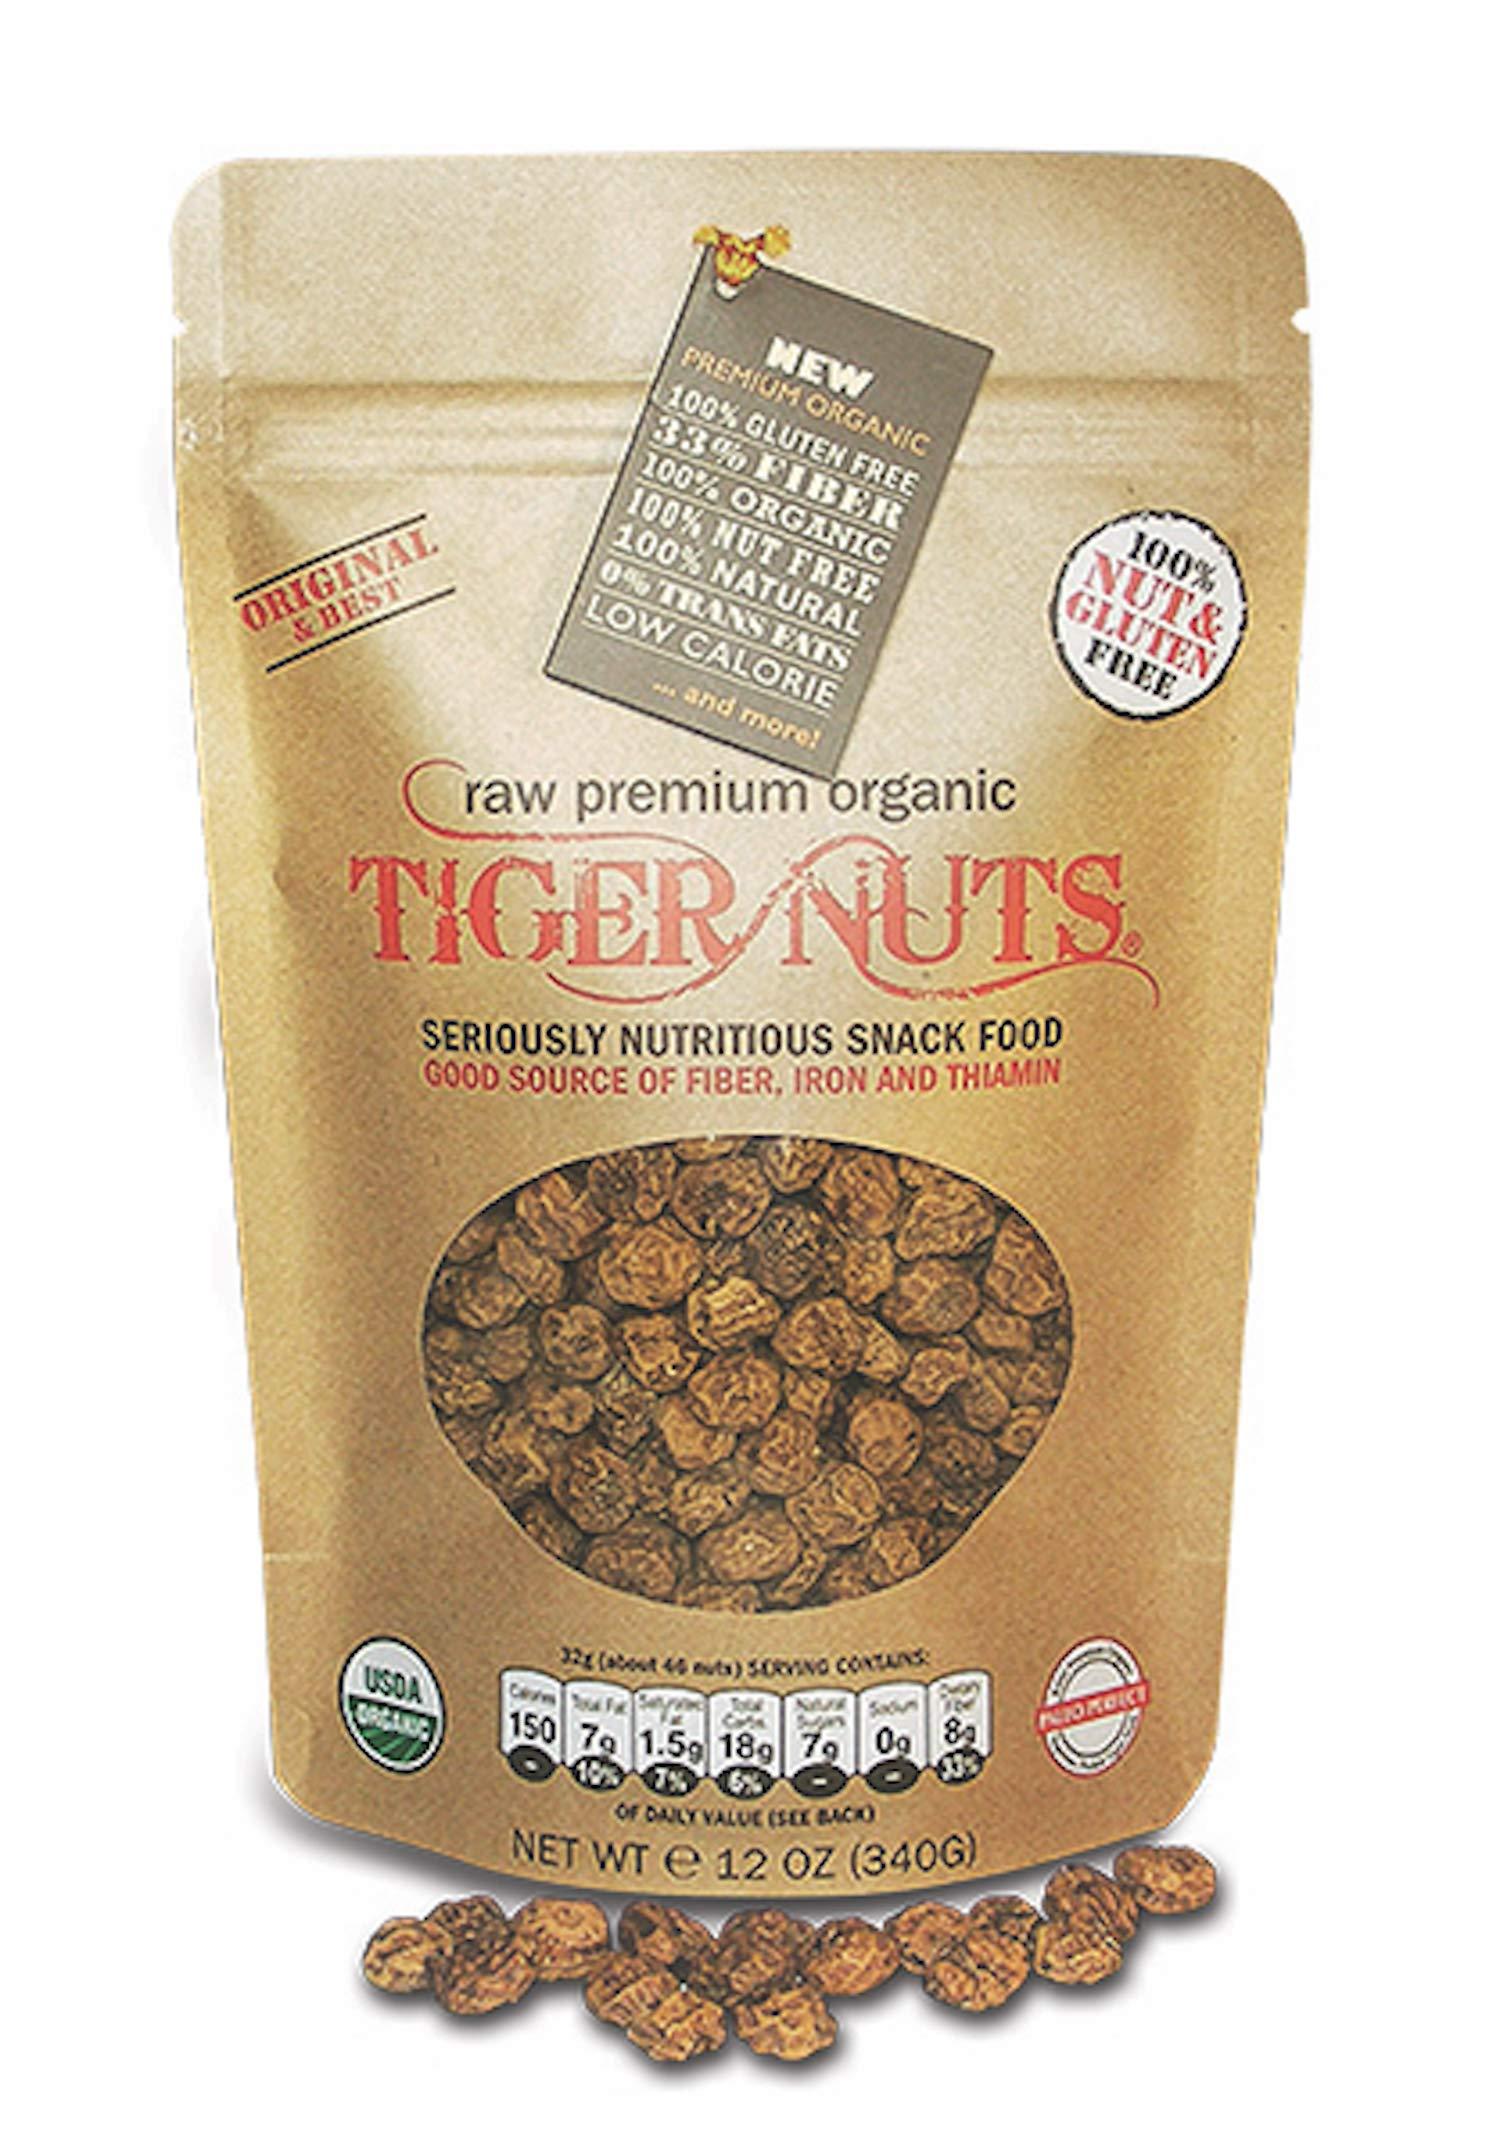 Premium Organic Tiger Nuts (12 oz)| High Fiber, Gluten Free, Non-GMO by Tiger Nuts